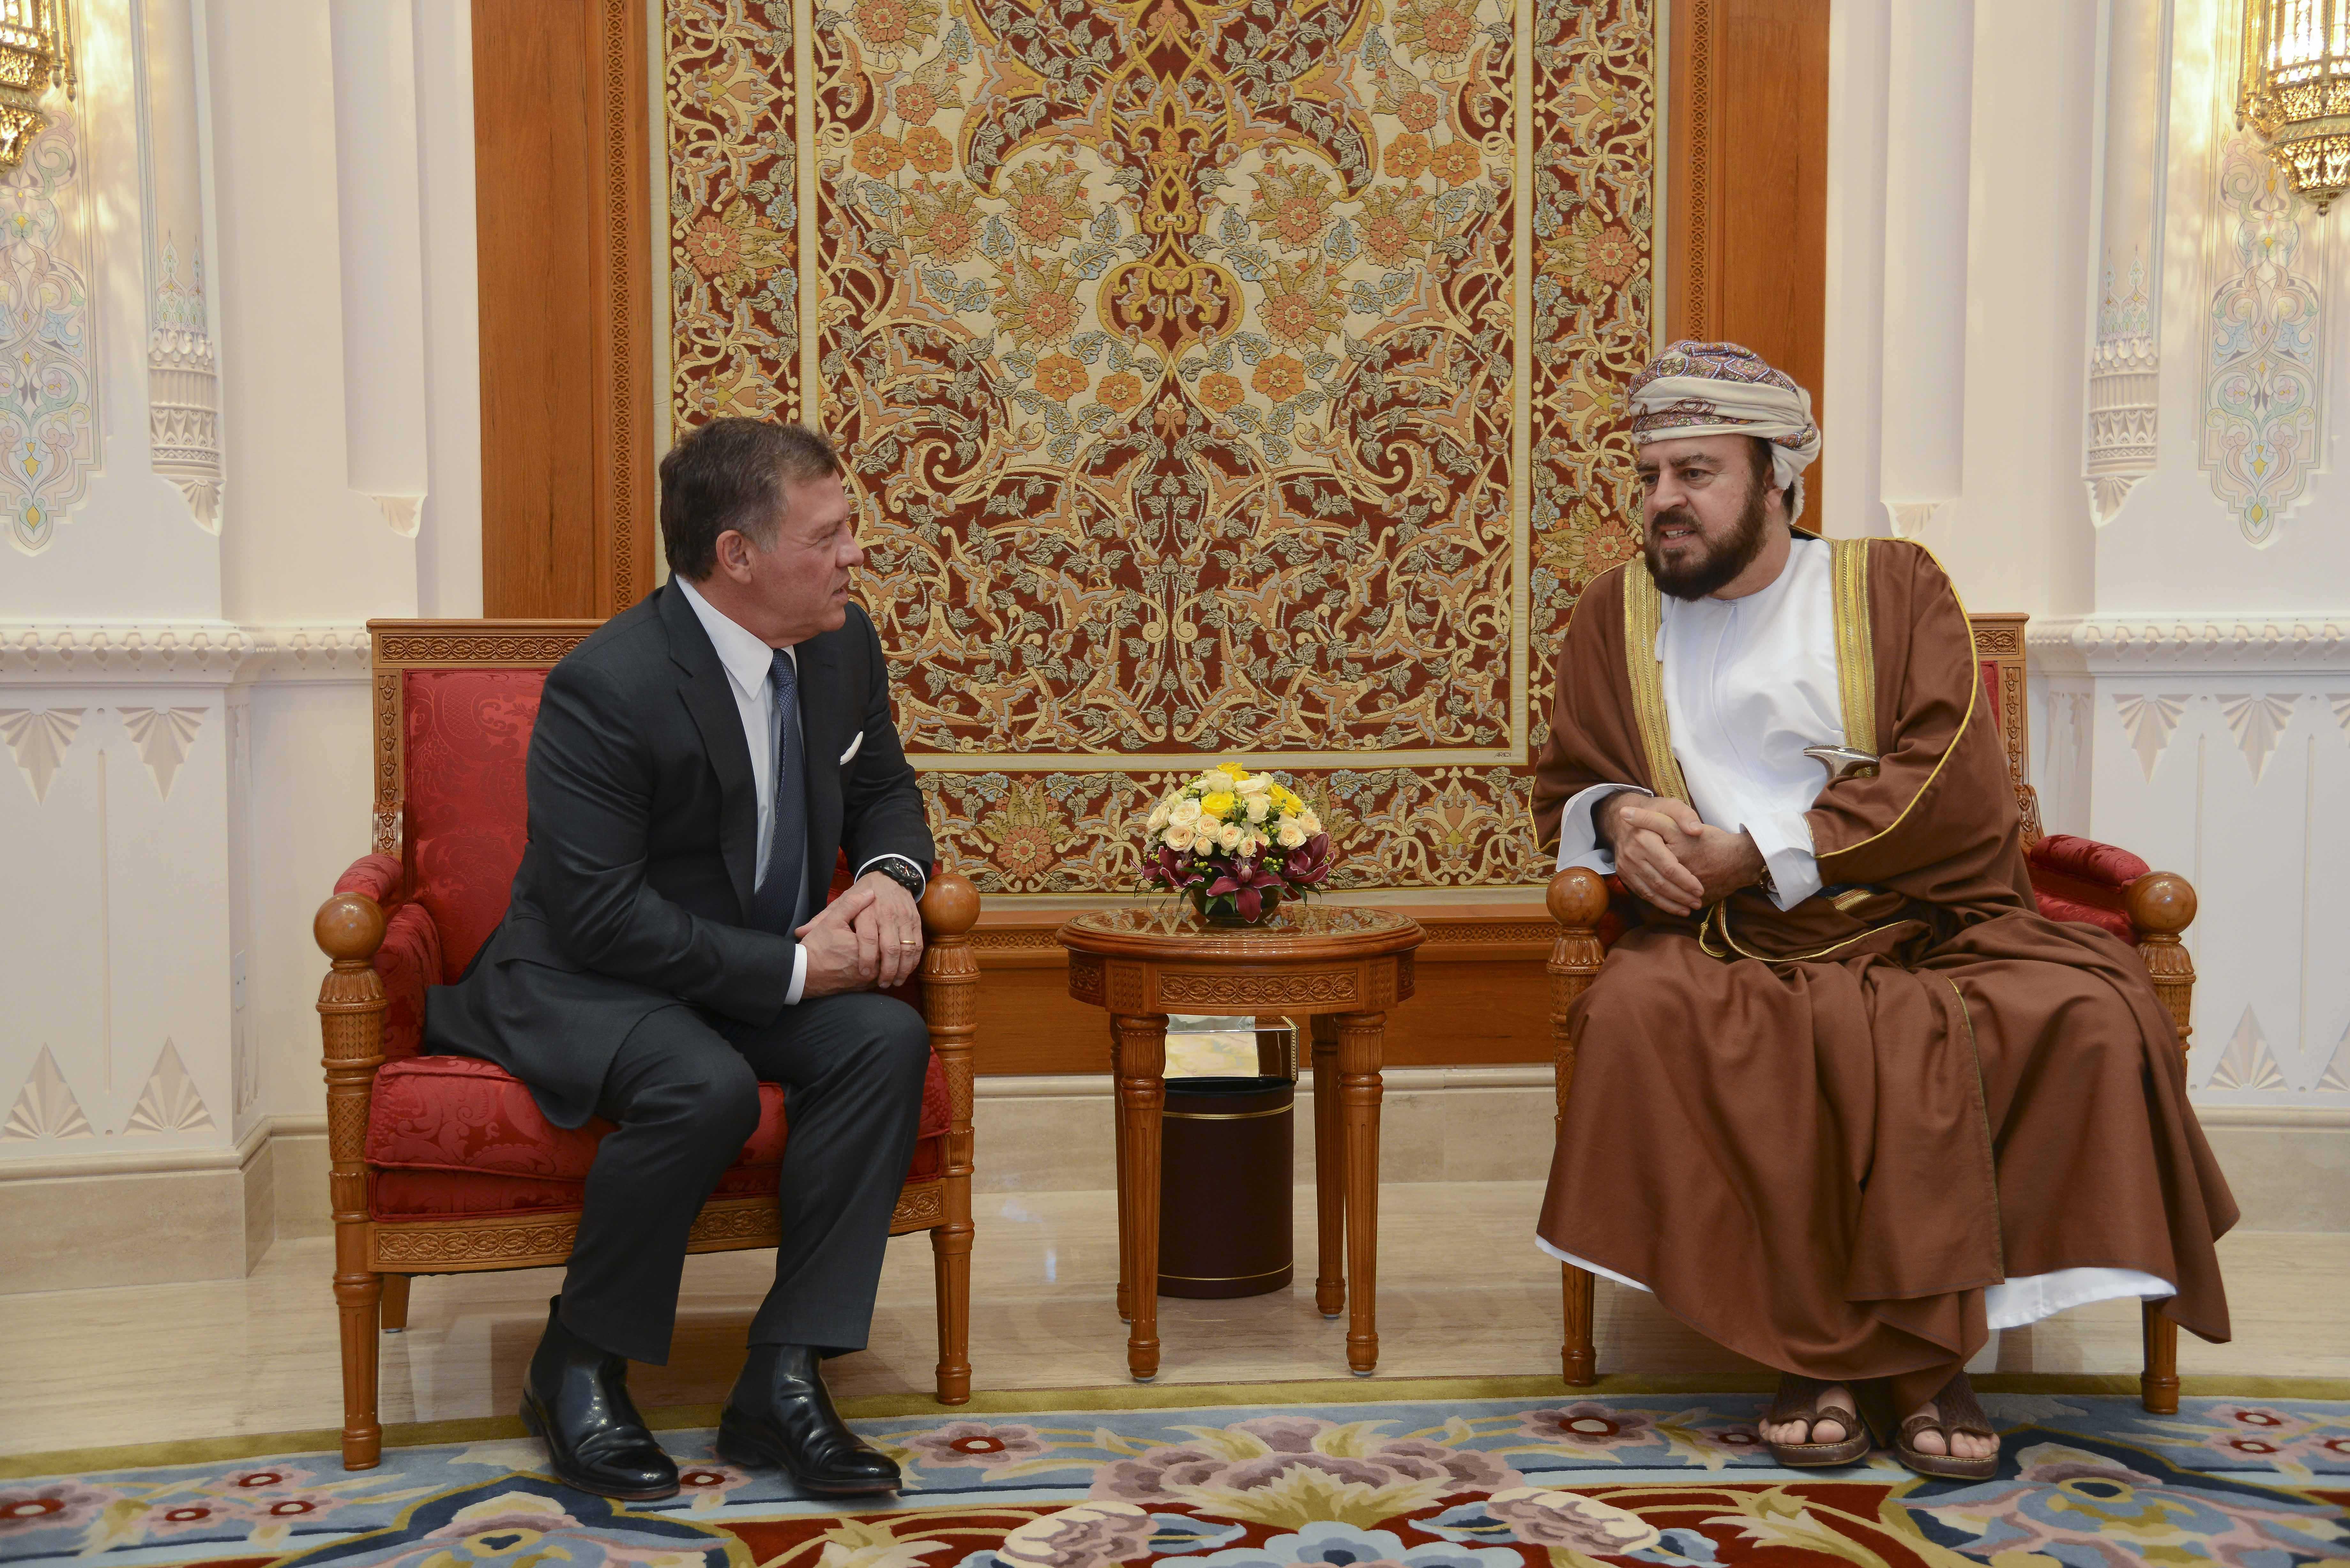 يلتقي خلالها جلالة السلطان قابوس.. ملك الأردن يصل السلطنة في زيارة خاصة